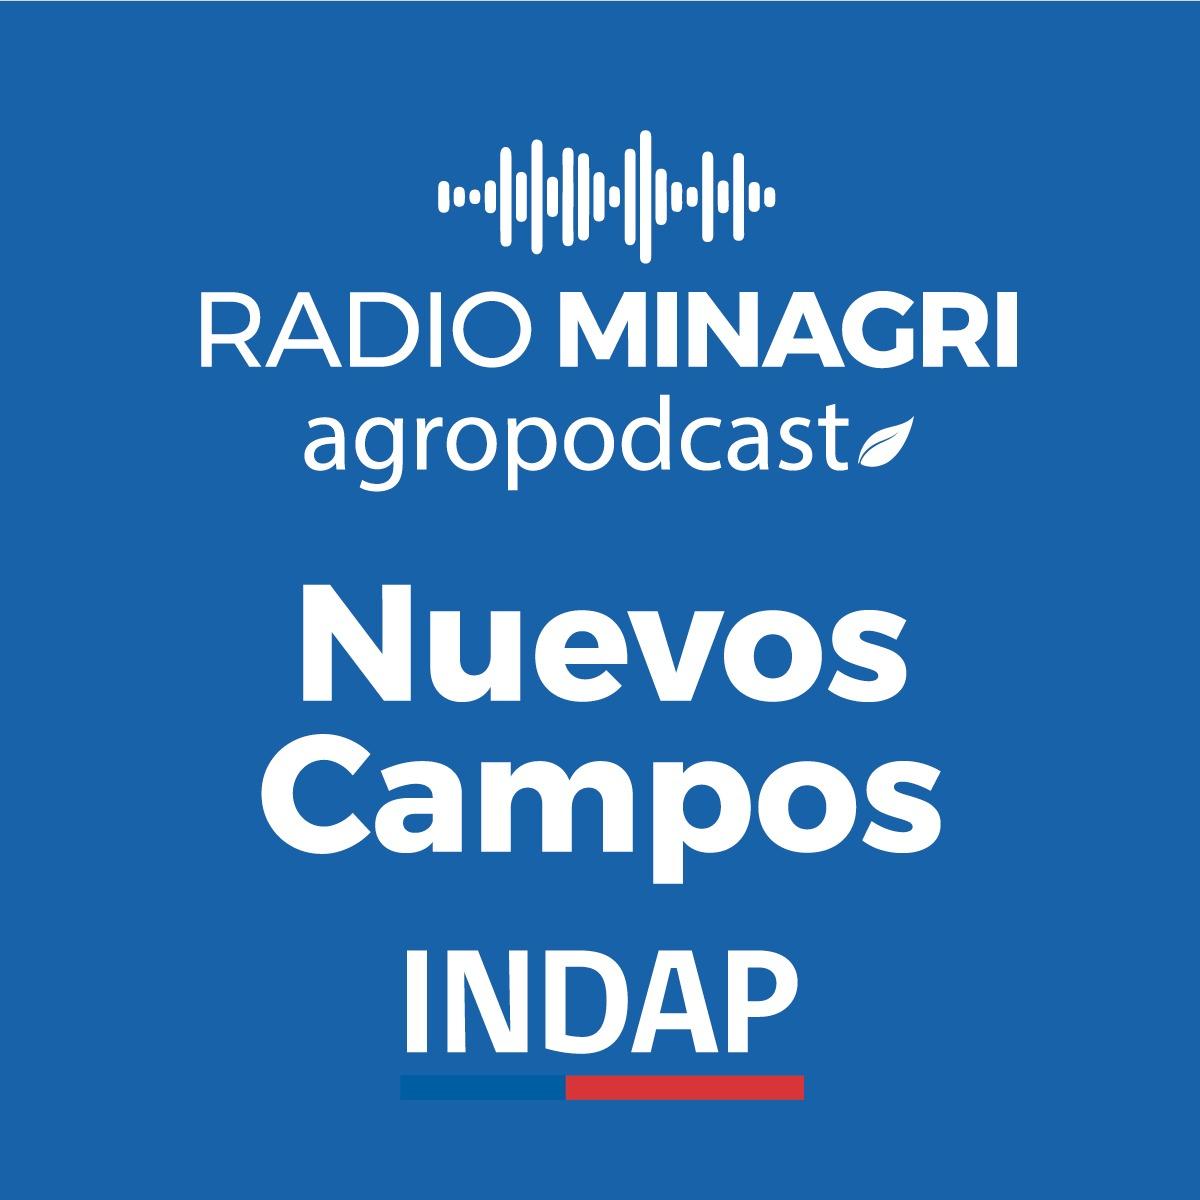 Nuevos campos – Episodio 39: Mi INDAP